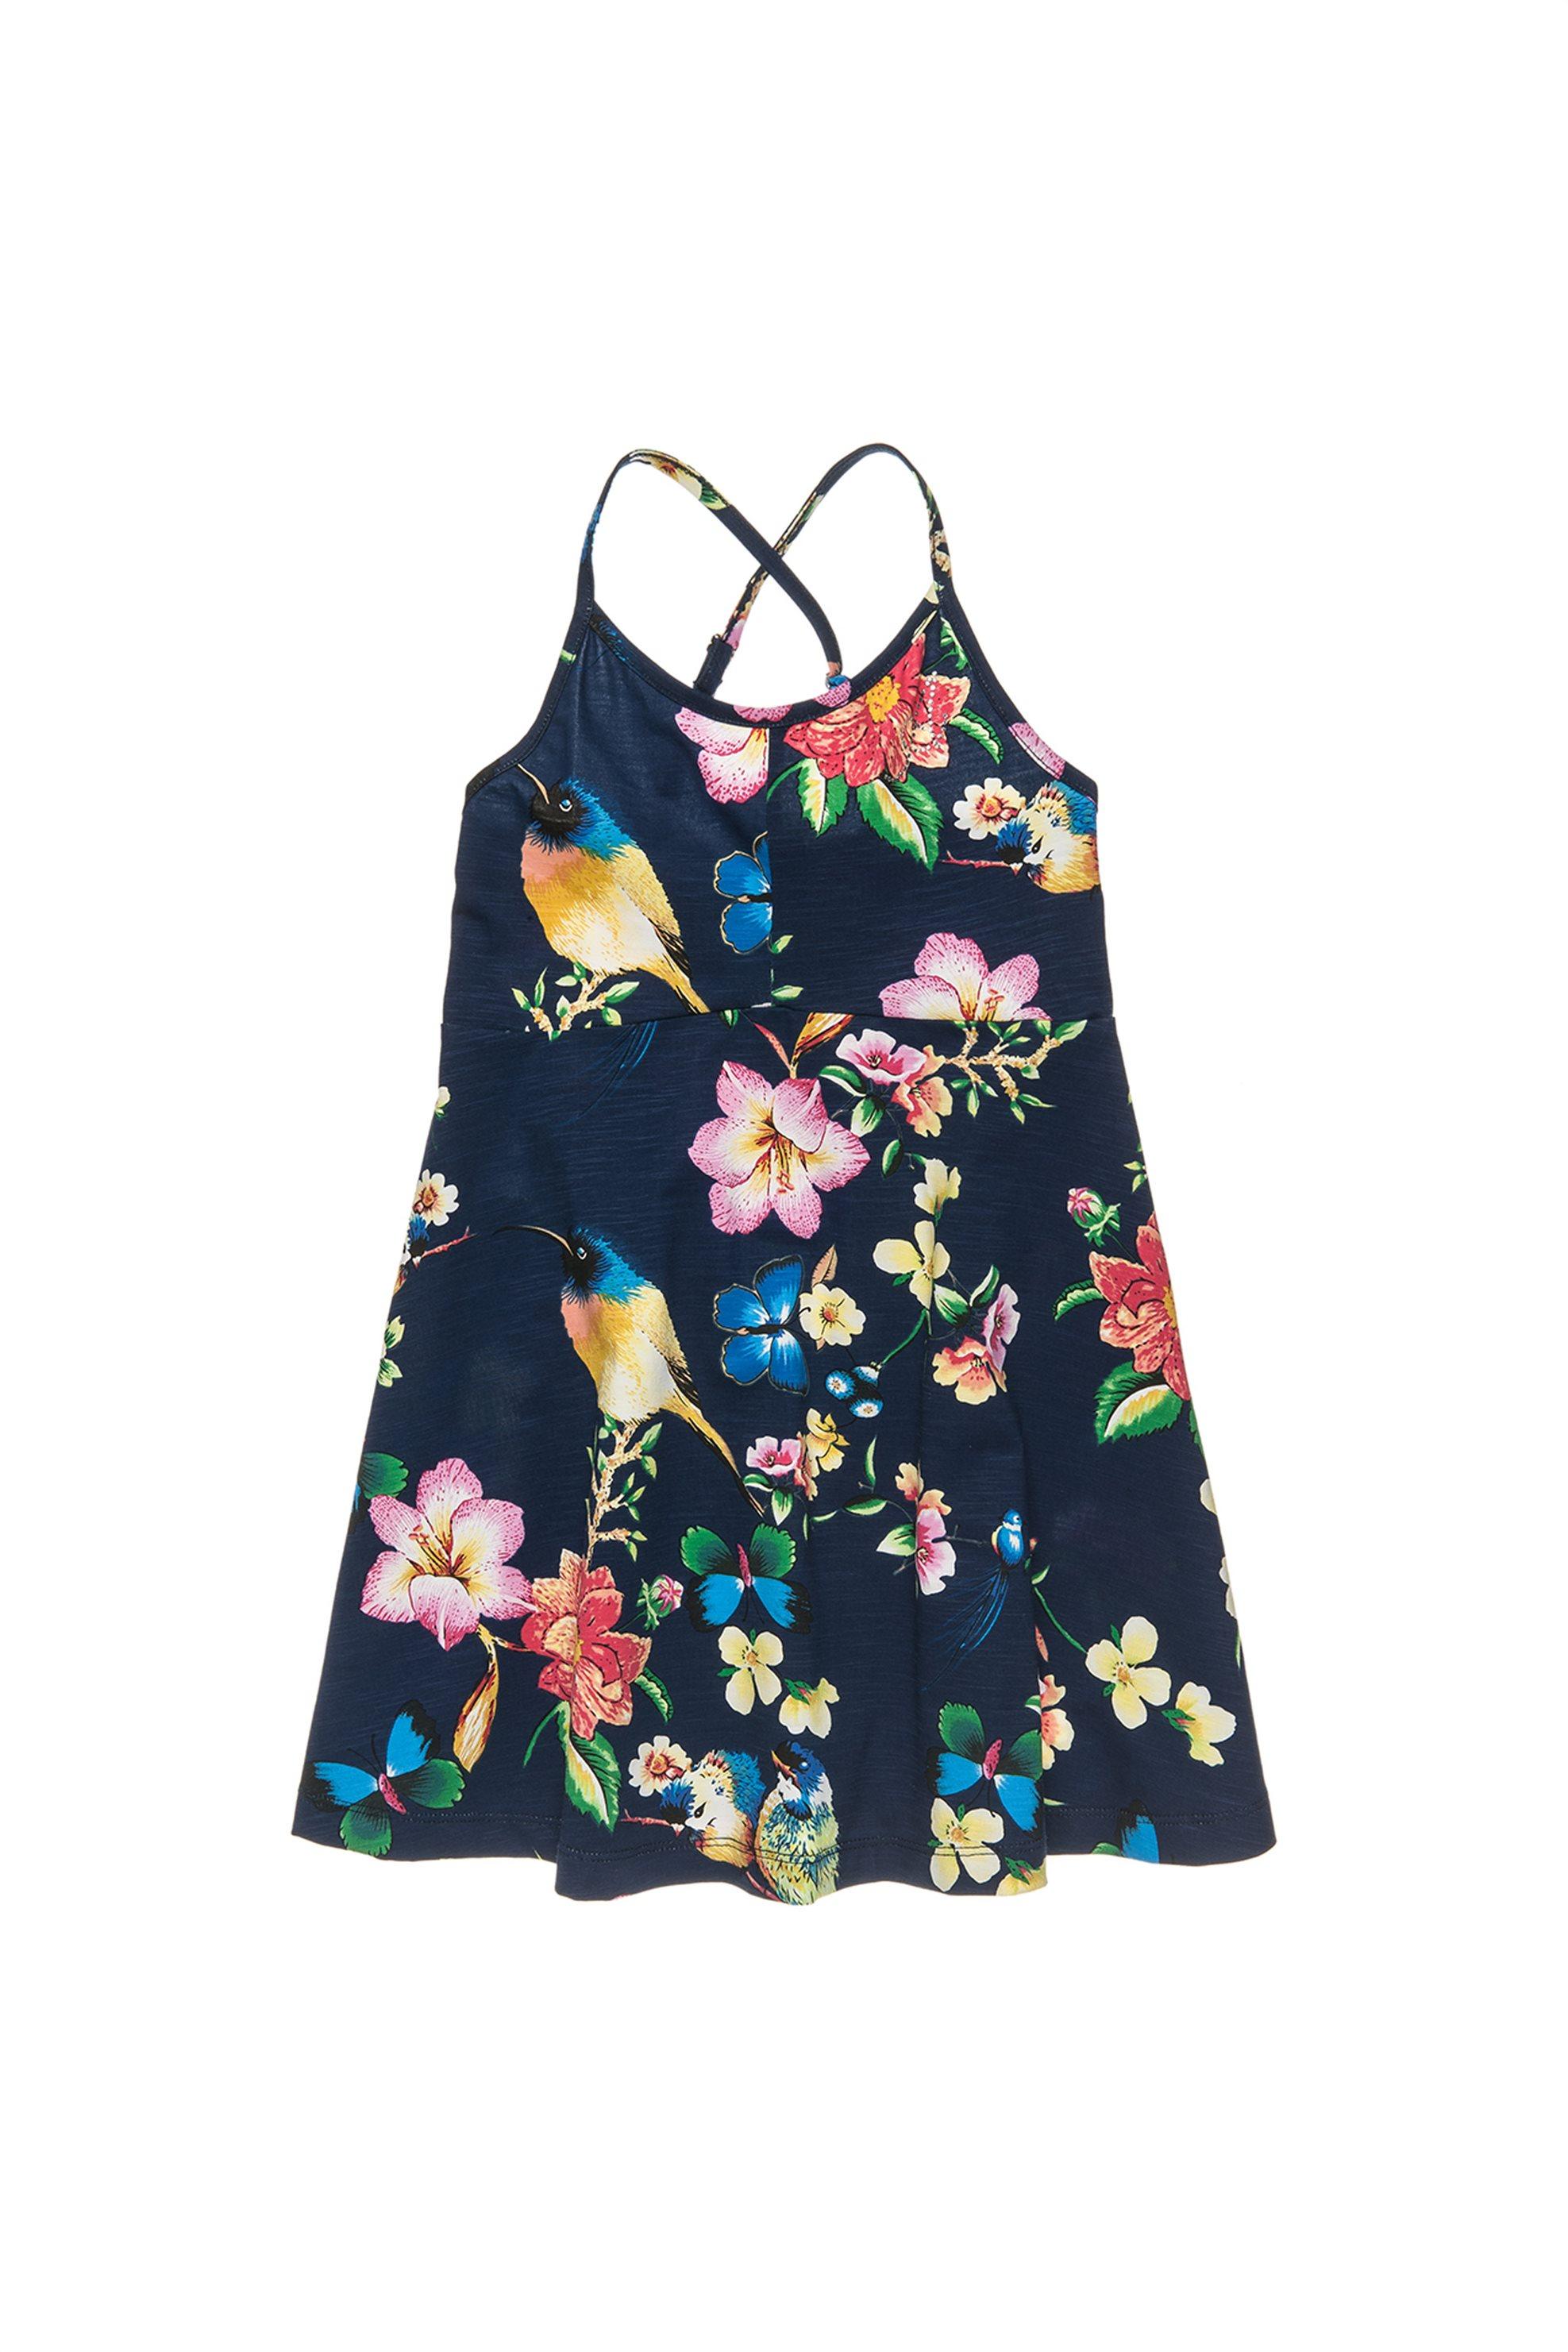 Παιδικό φόρεμα με χιαστί ραντάκια Alouette - 00941645 - Πολύχρωμο παιδι   βρεφικα κοριτσι   0 3 ετων   βρεφικα αγορι   0 3 ετων   ρούχα   φορέματα